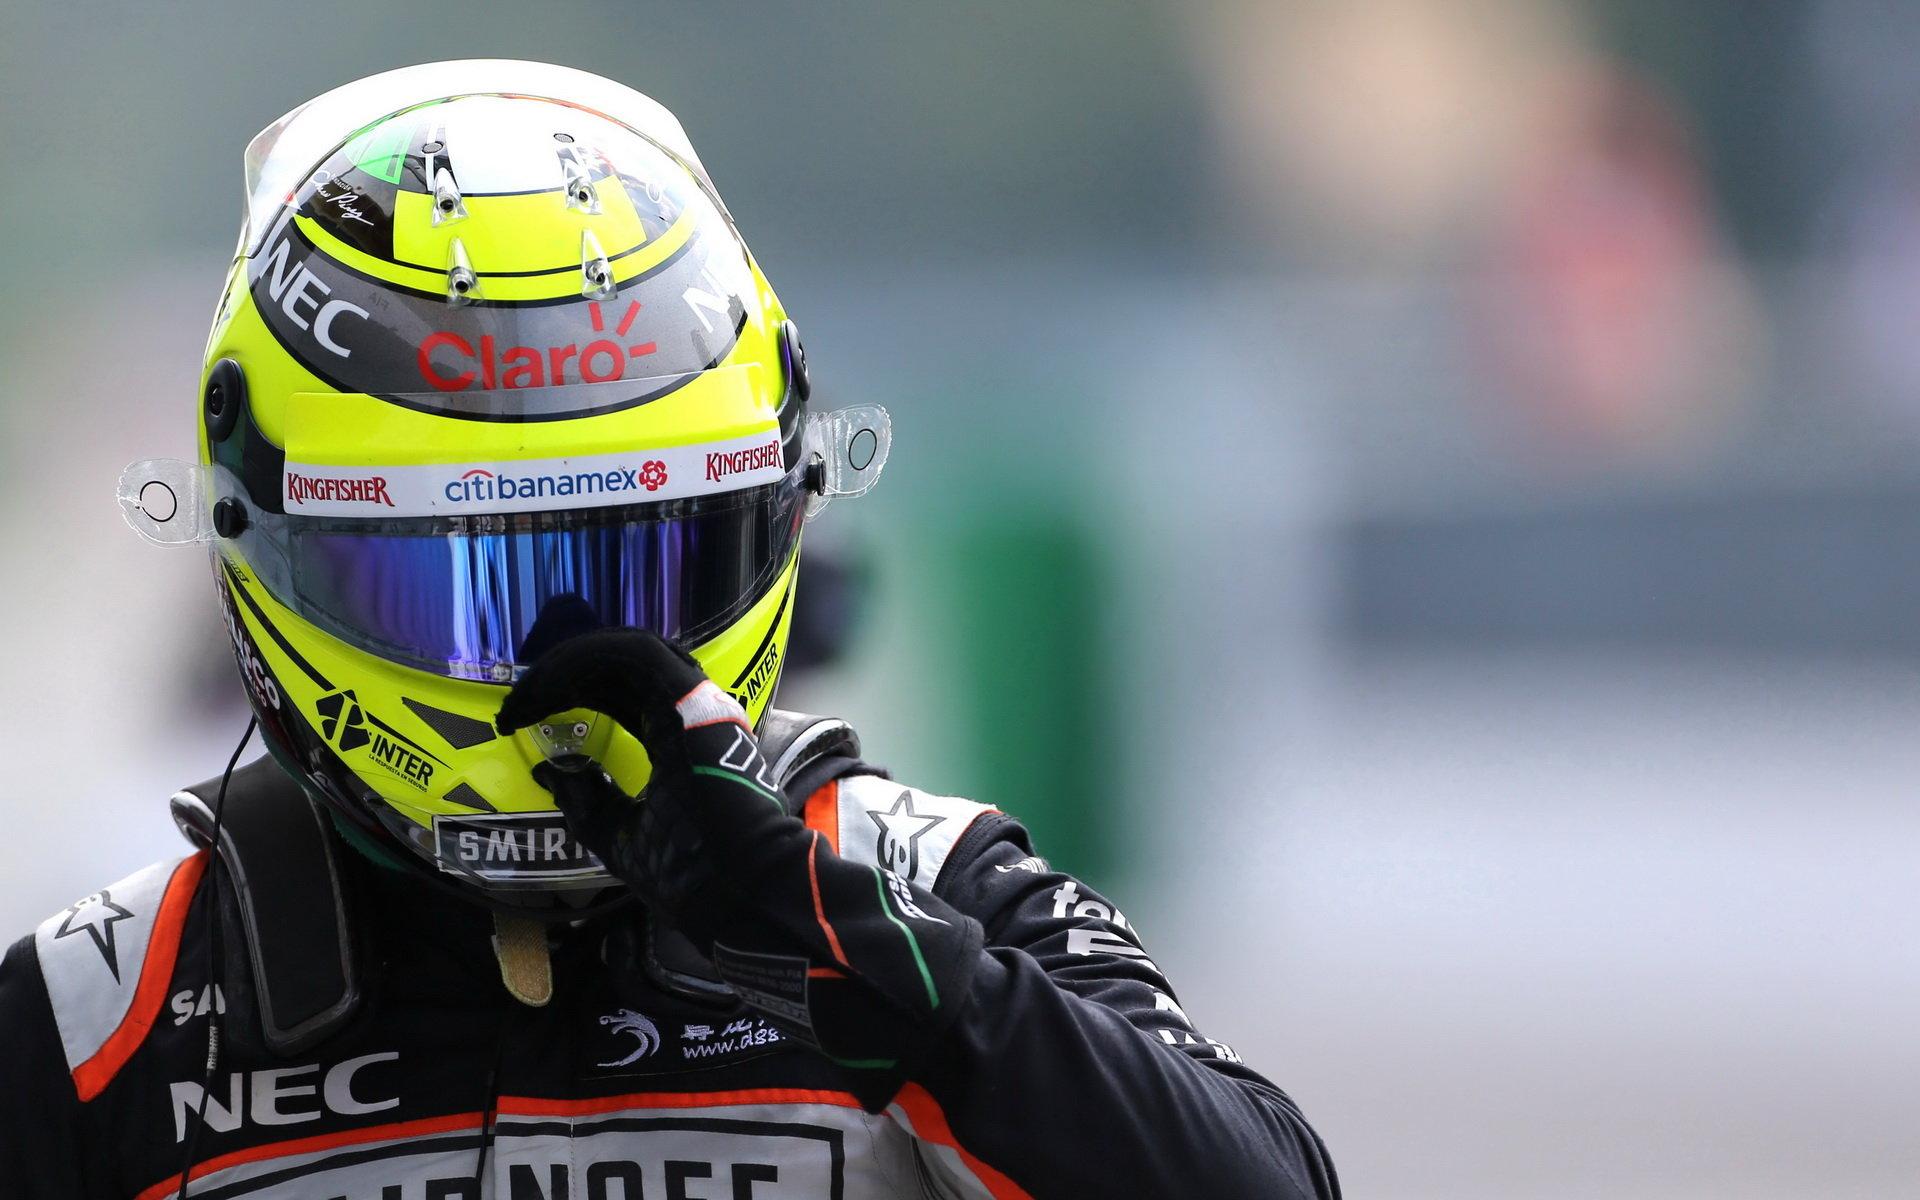 Pérez zatím neví, jestli bude v F1 i příští rok. Je to kvůli přestupu k Ferrari? - anotační obrázek